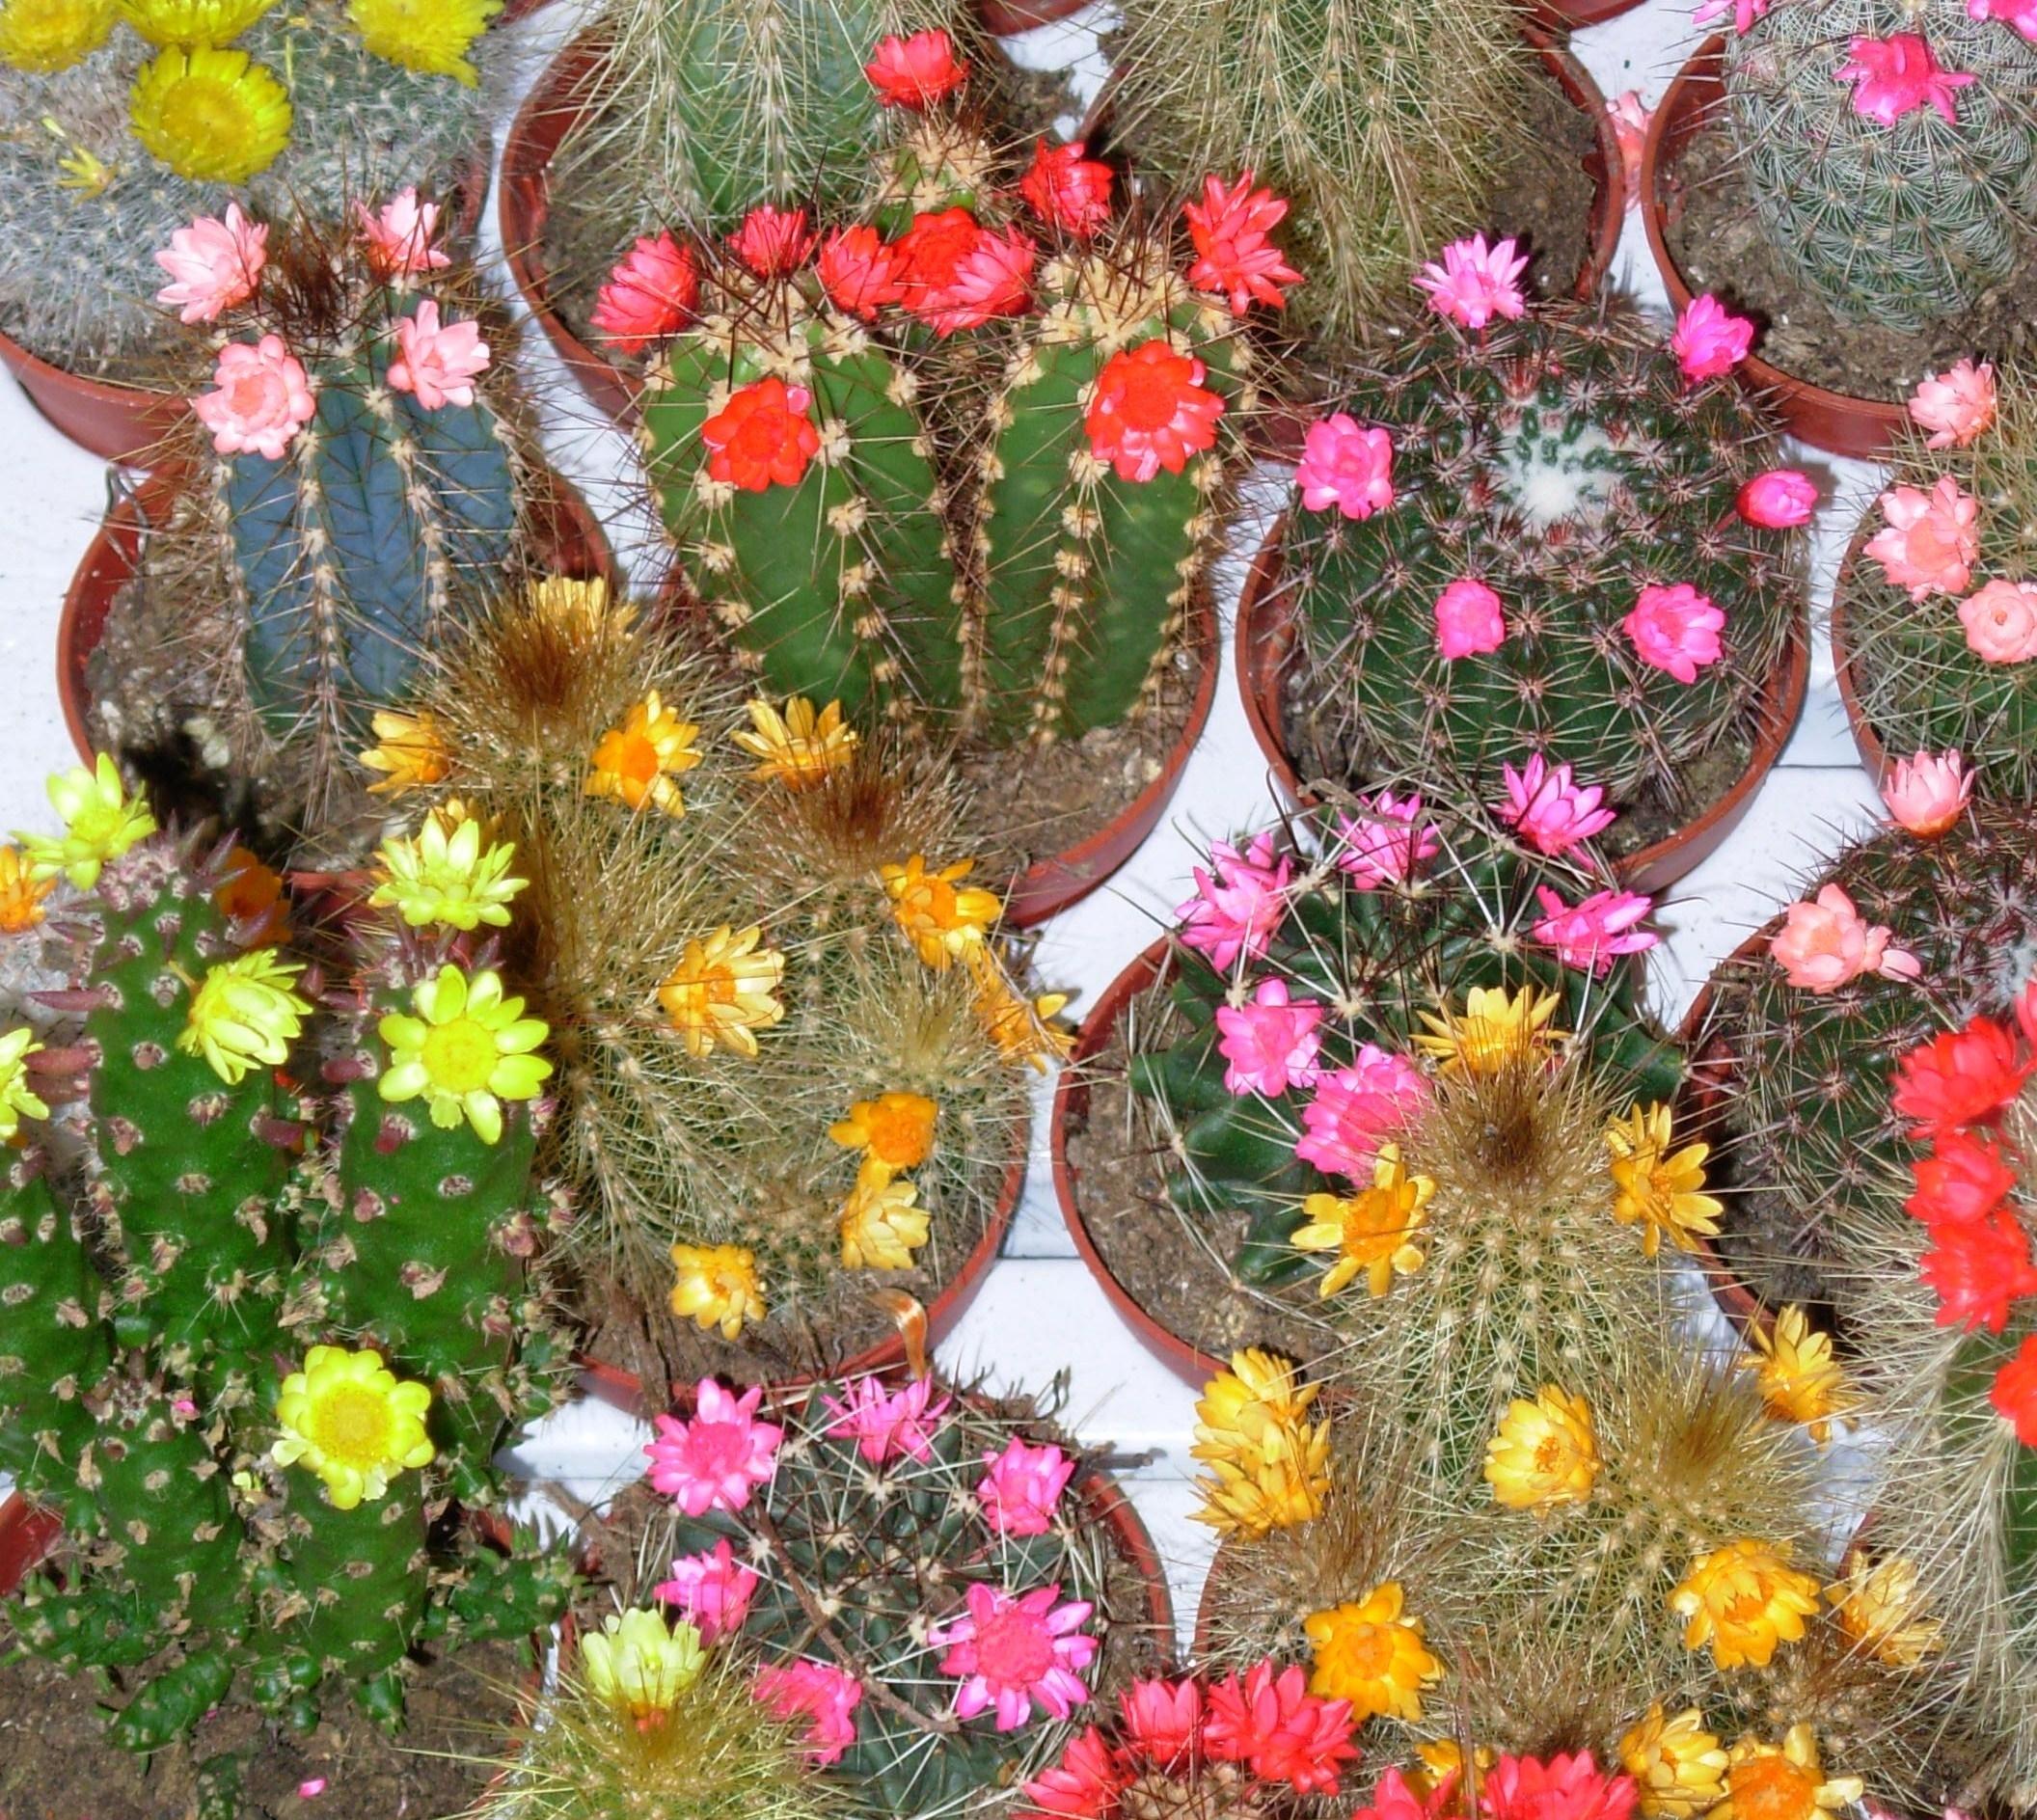 Piante grasse con fiori - Piante Grasse - Piante grasse fiorite